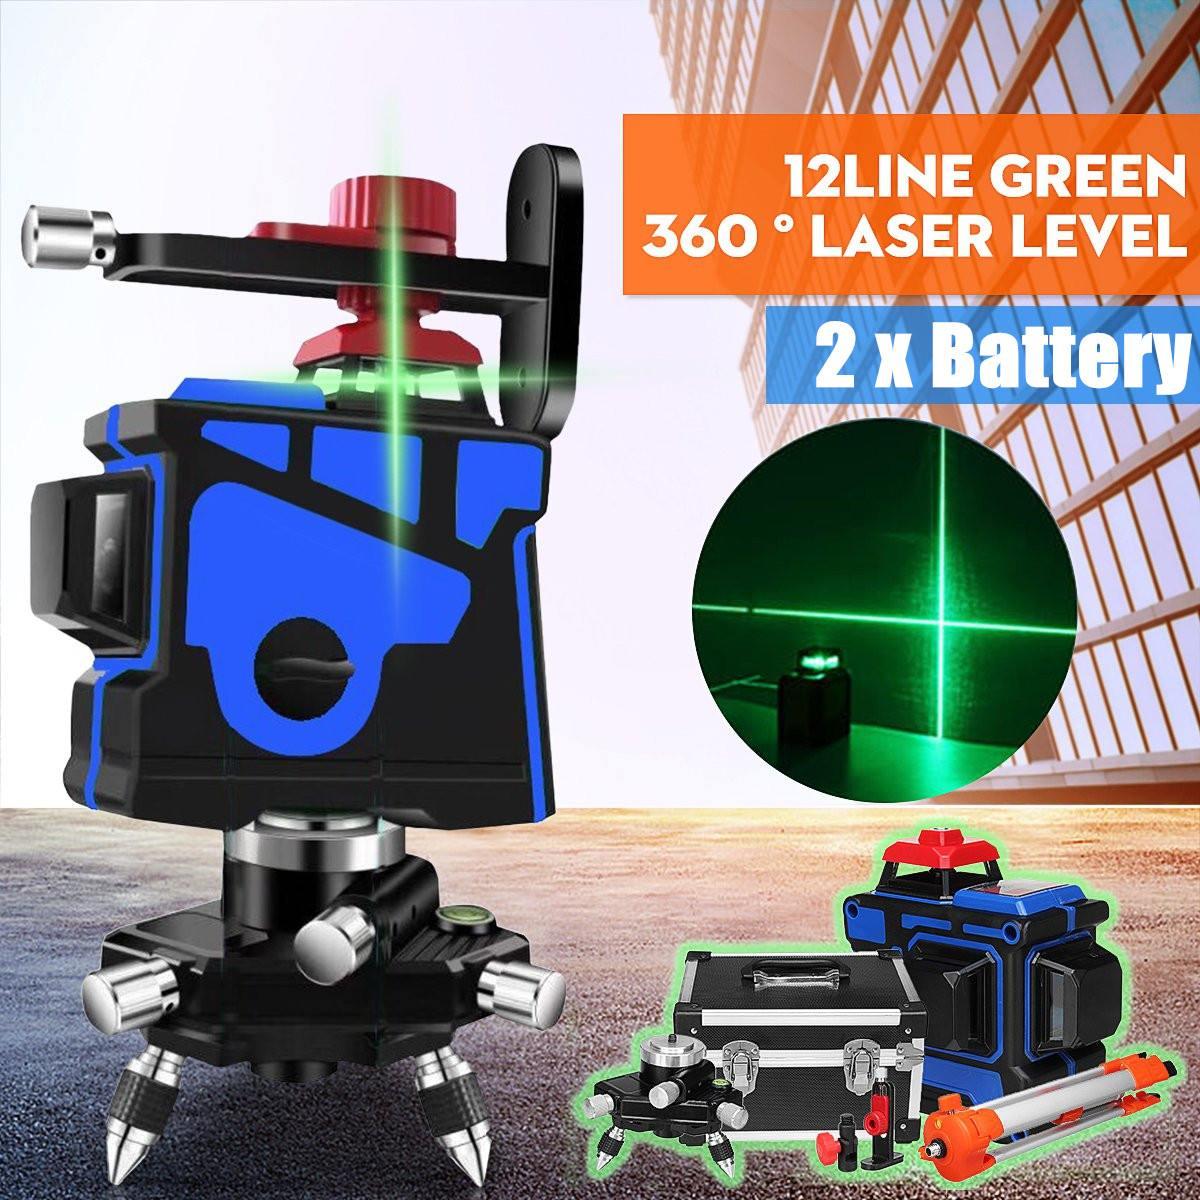 12 ligne Vert 360 Degrés Laser Niveau Supports Muraux IP54 Auto Nivellement Horizontal Laser vertical Faisceau Avec Trépied Intérieur/Extérieur